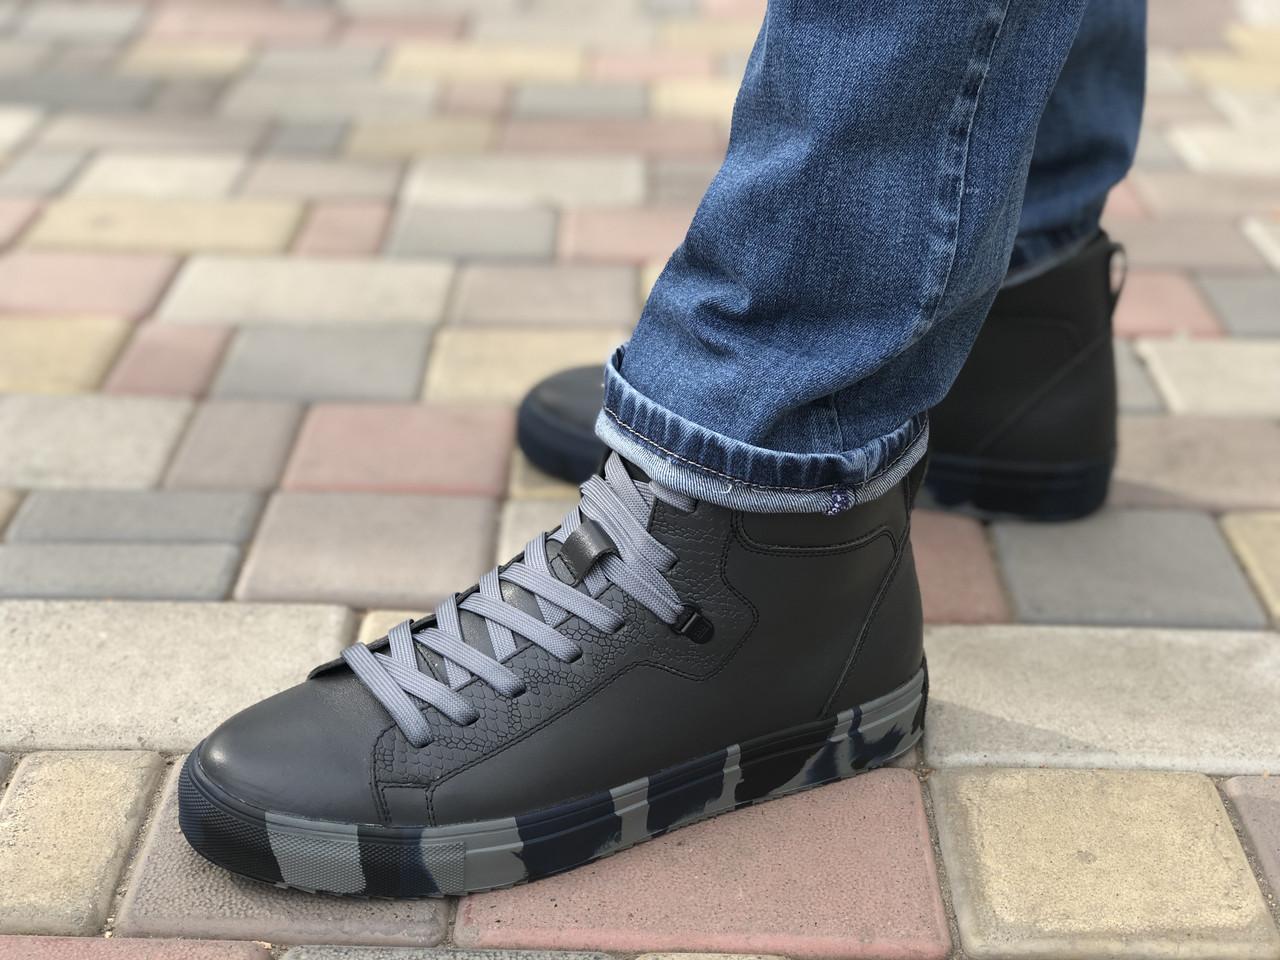 Зимние кожаные ботинки Мида 140143 сер размеры 40,41,42,43,44,45